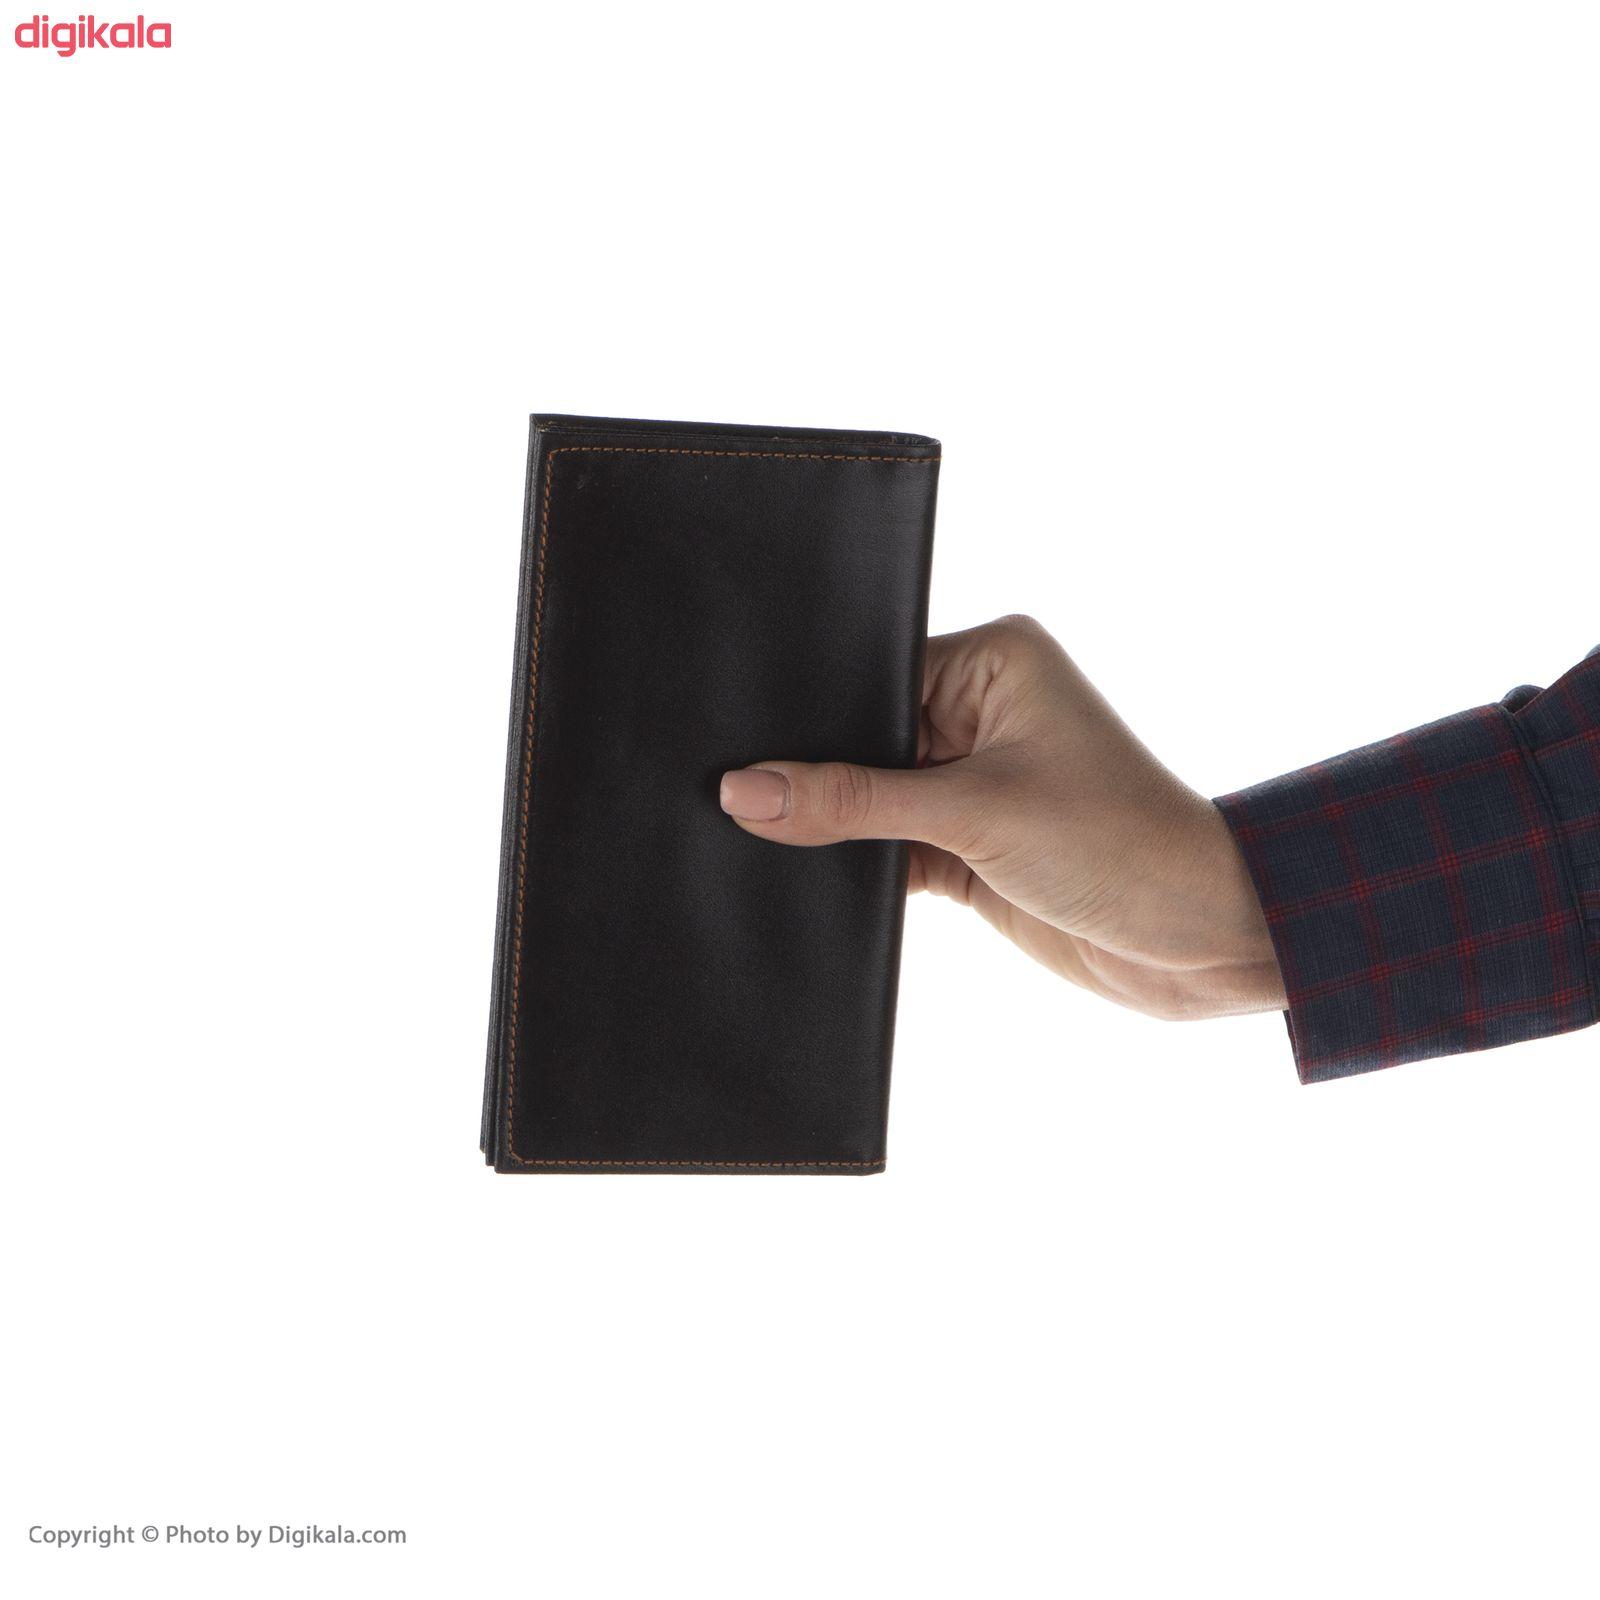 کیف پول مردانه رویال چرم کد M36 main 1 11